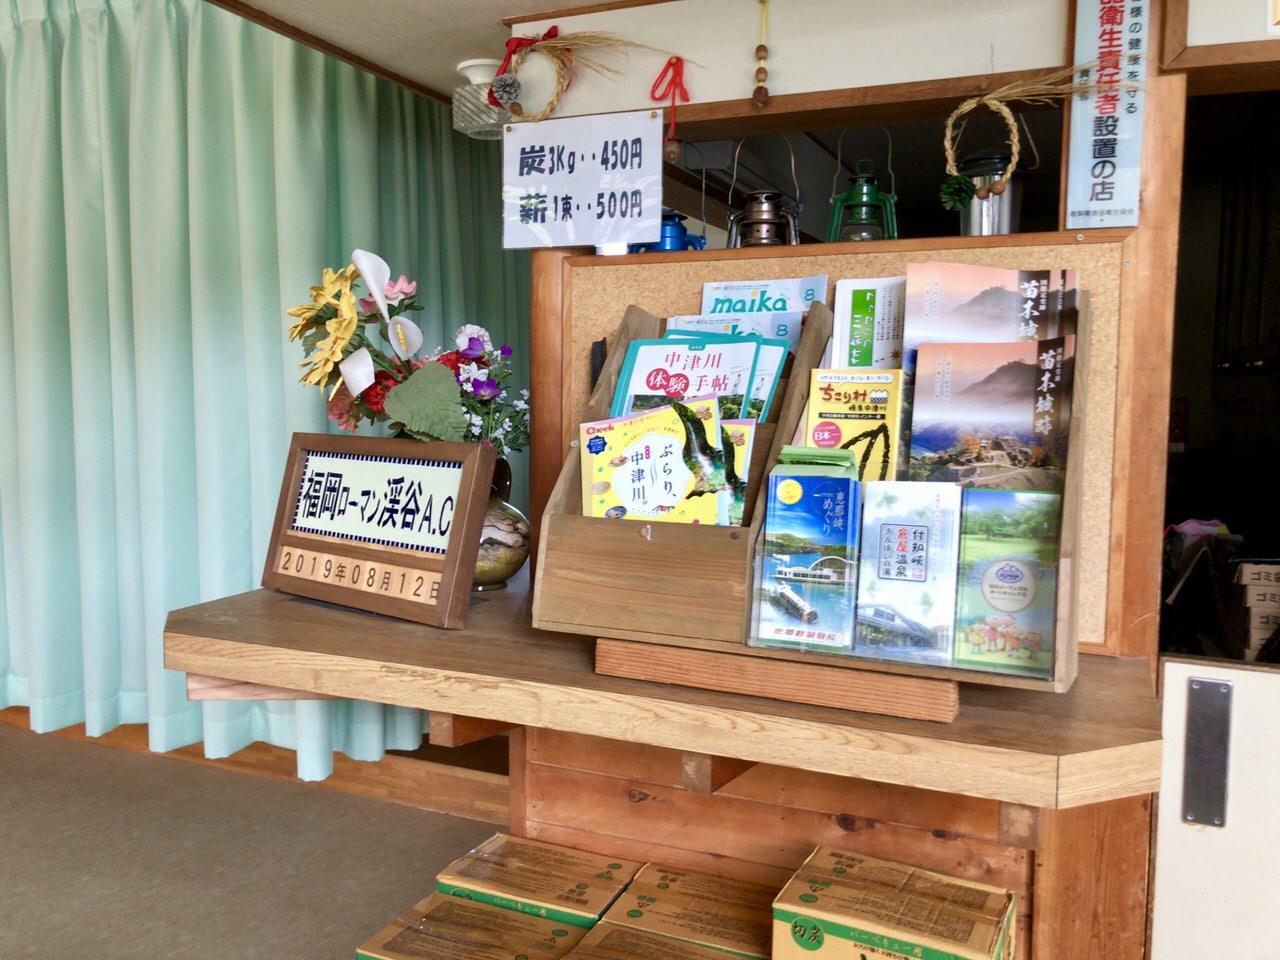 福岡ローマン渓谷オートキャンプ場の売店の炭